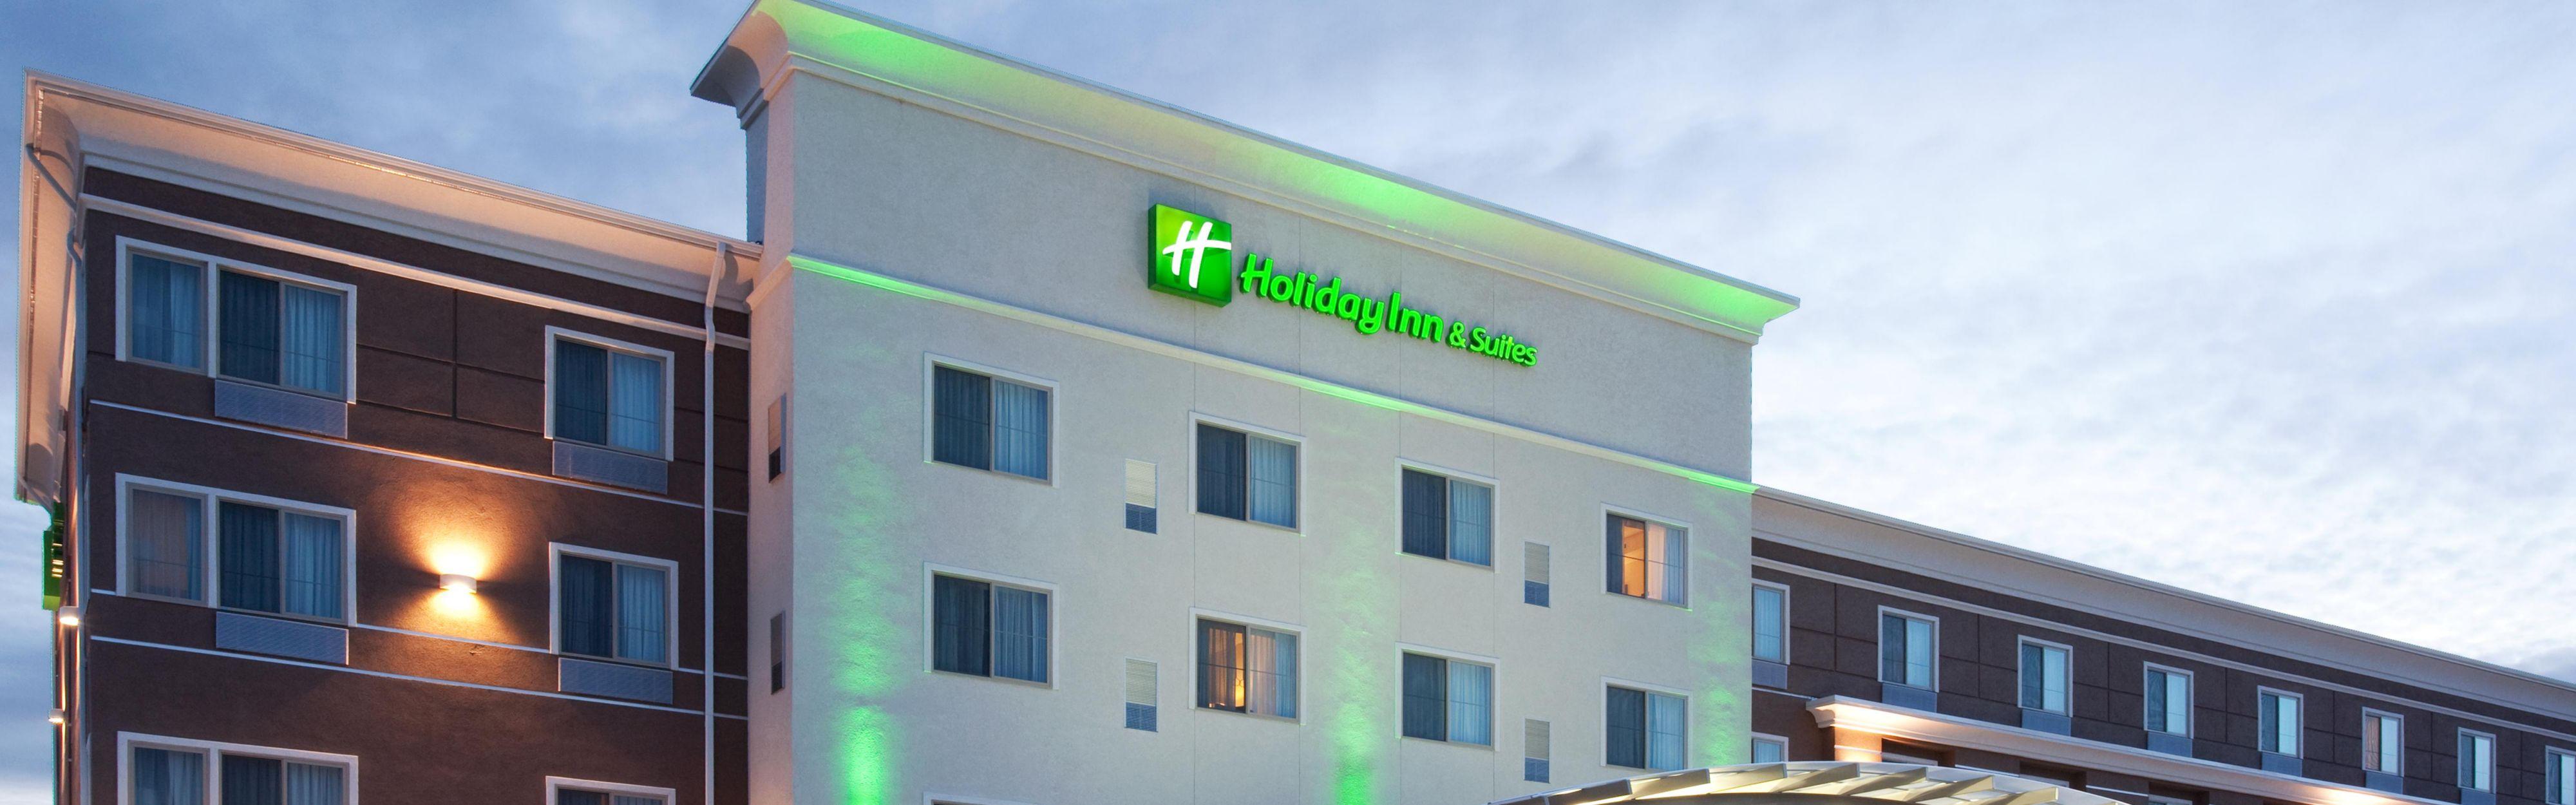 Hotel Suites In Grand Junction Colorado